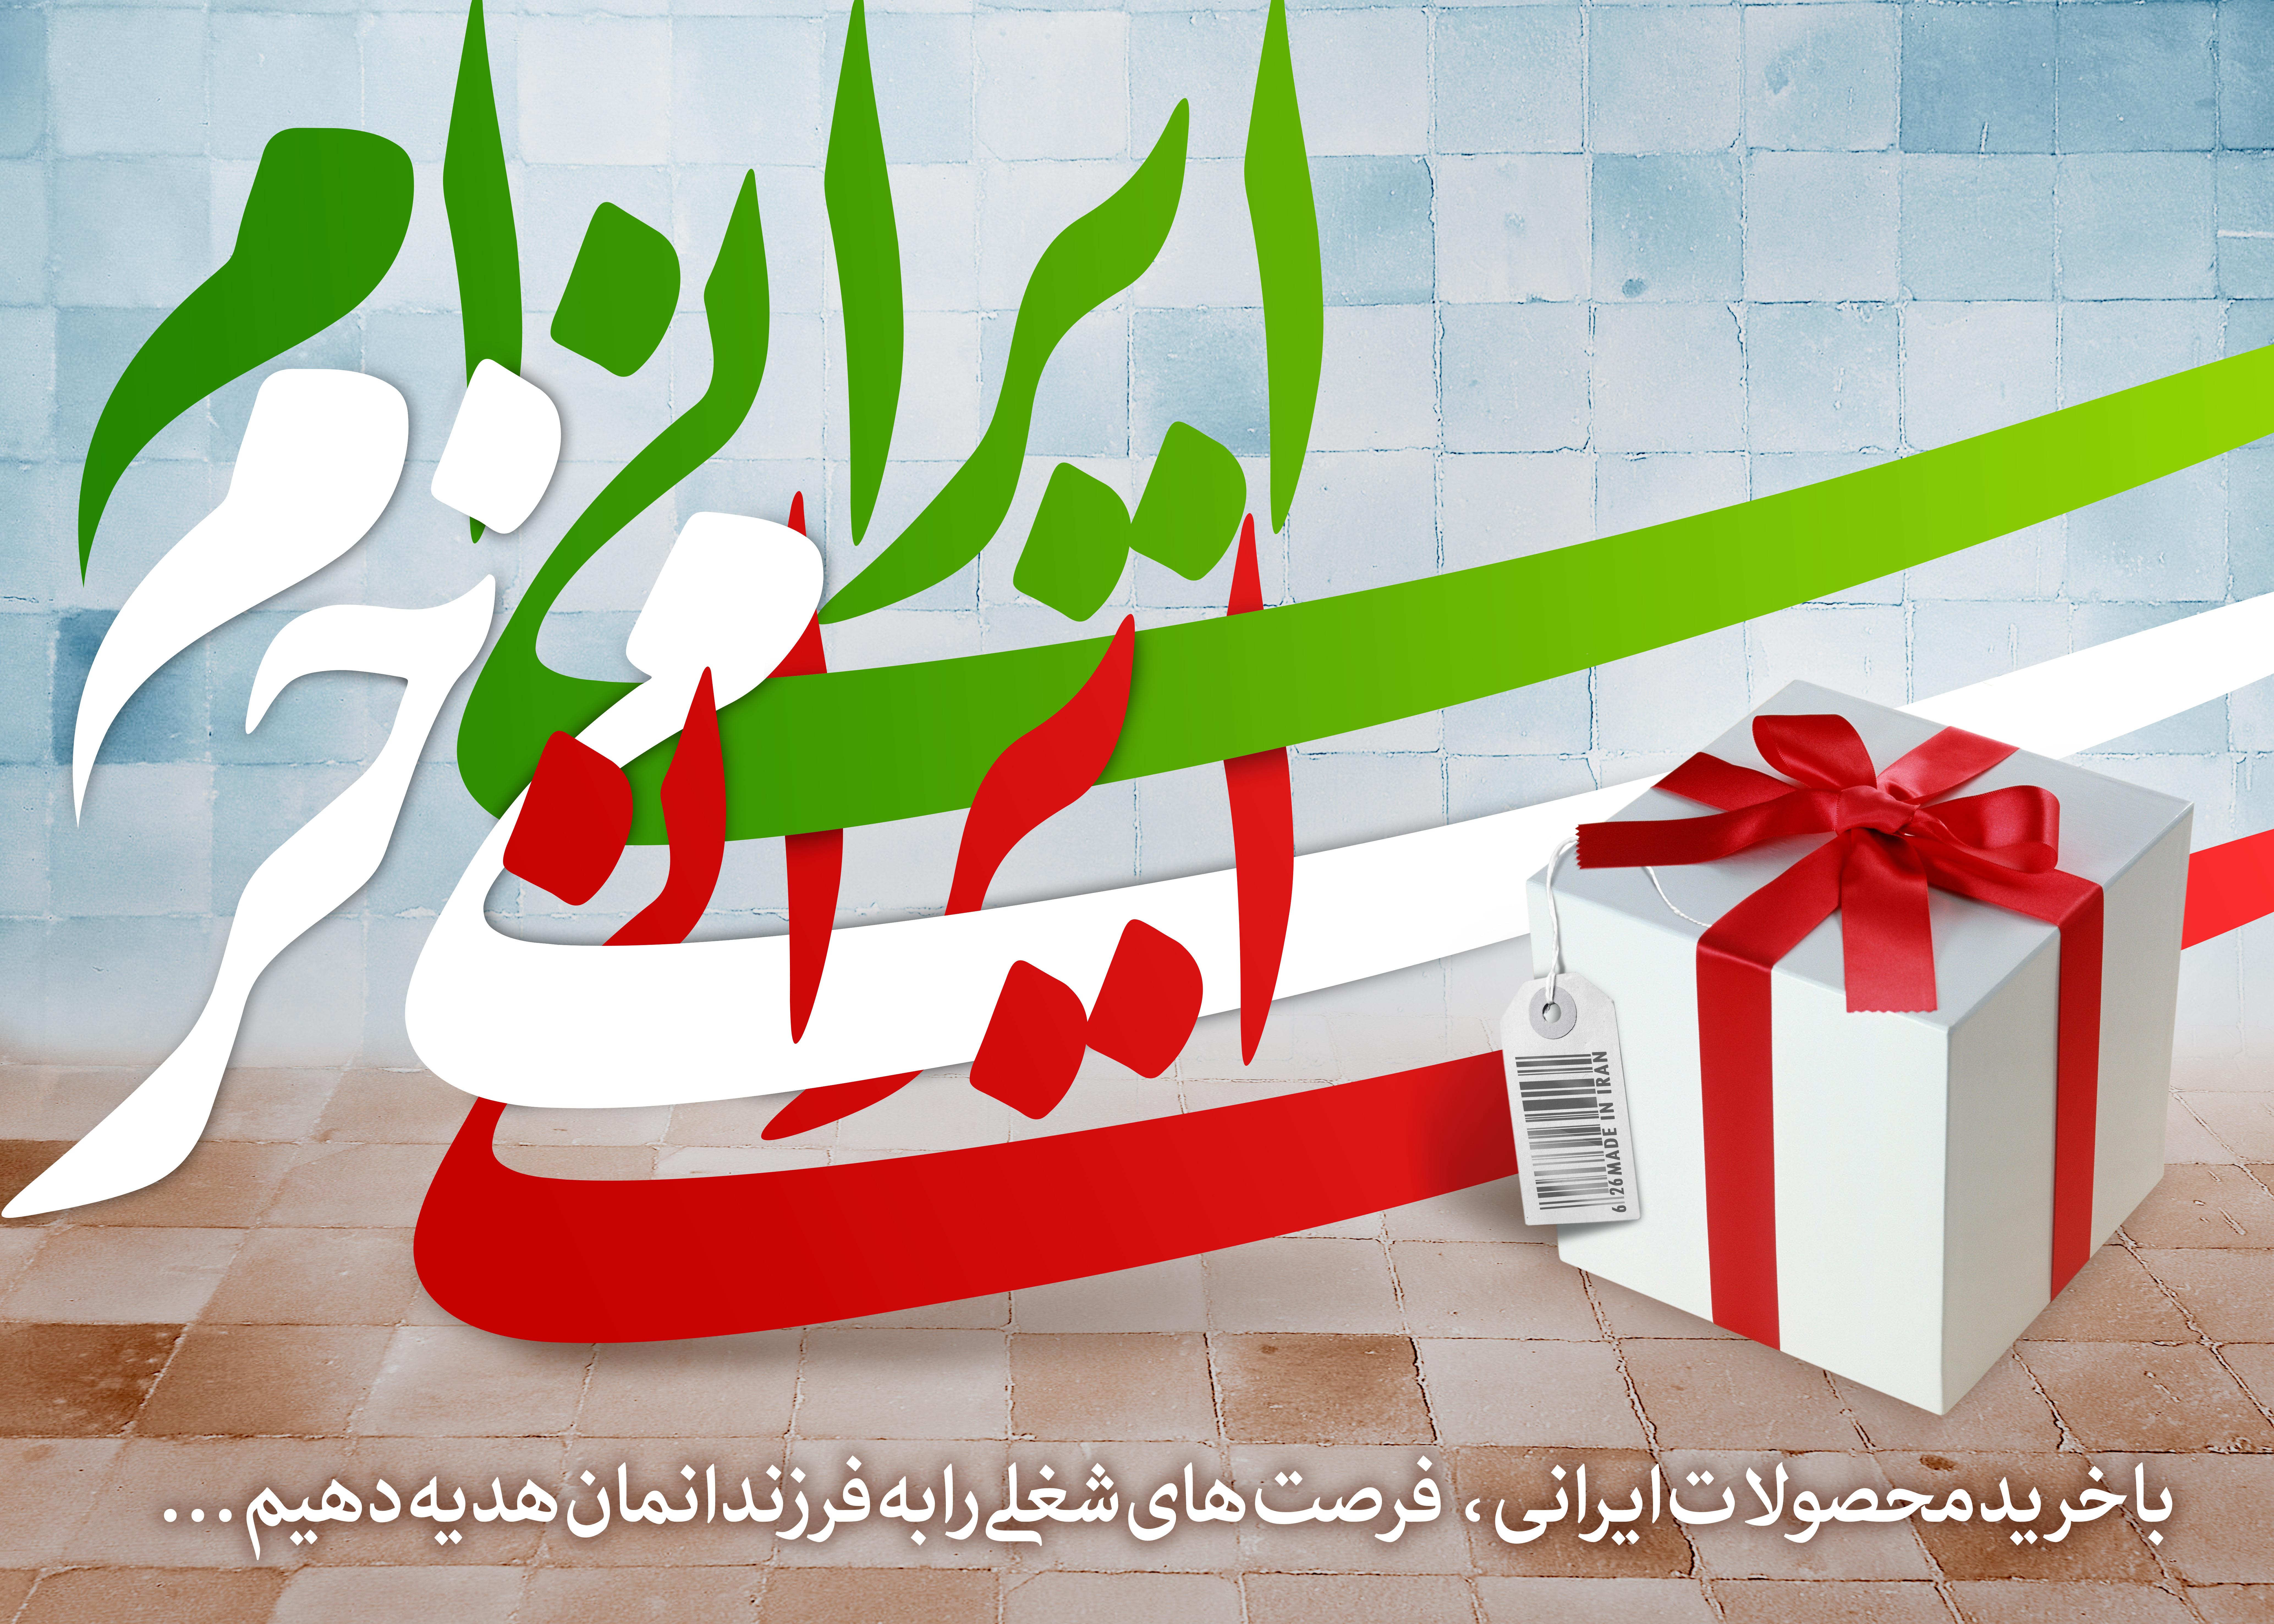 ایرانی میخرم